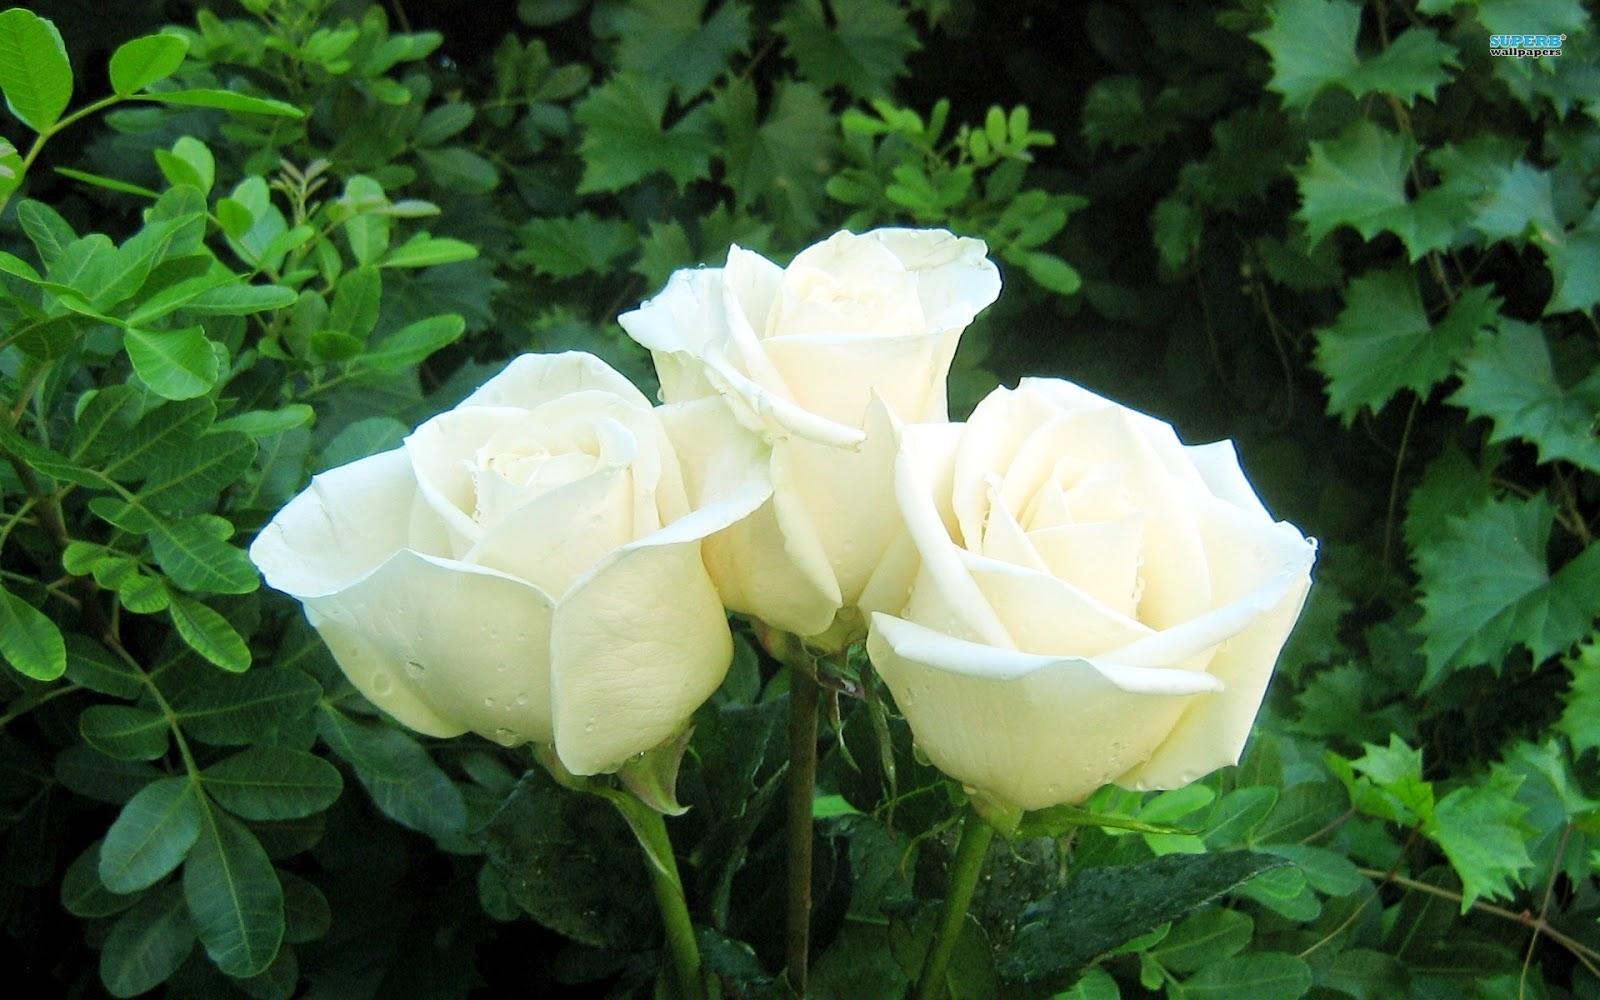 Tặng hoa hồng trắng còn mang ý nghĩa về tình yêu vĩnh cửu, bất diệt